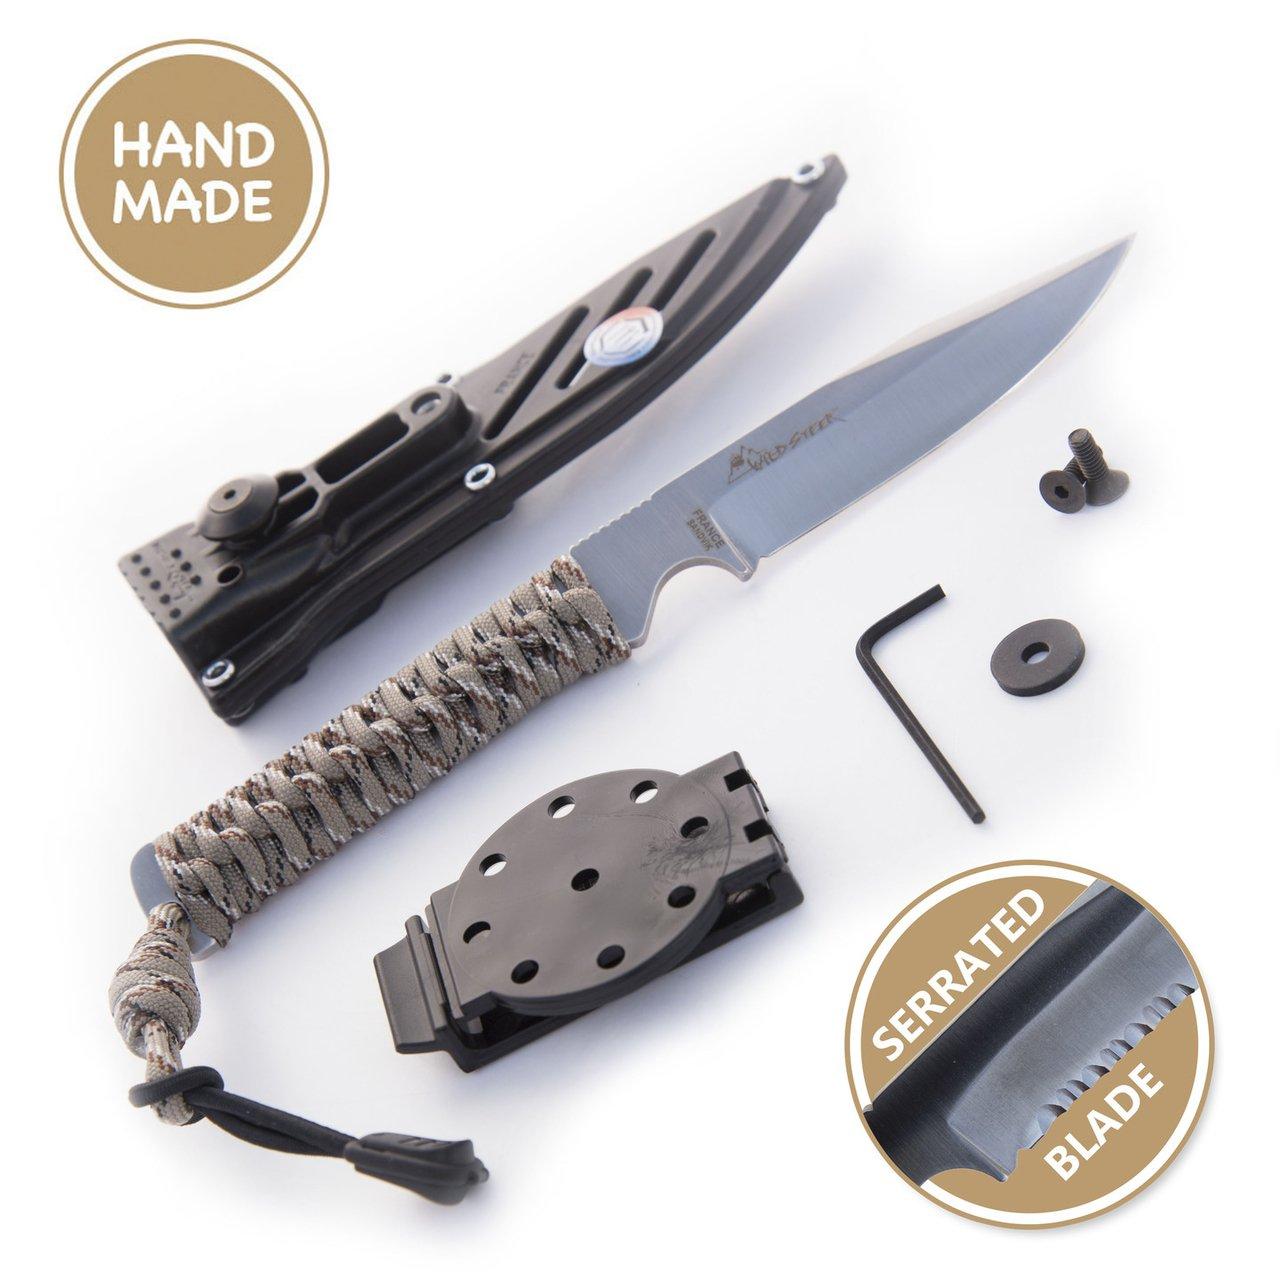 Wildtech 4 Serrated Knife (Desert Camo)